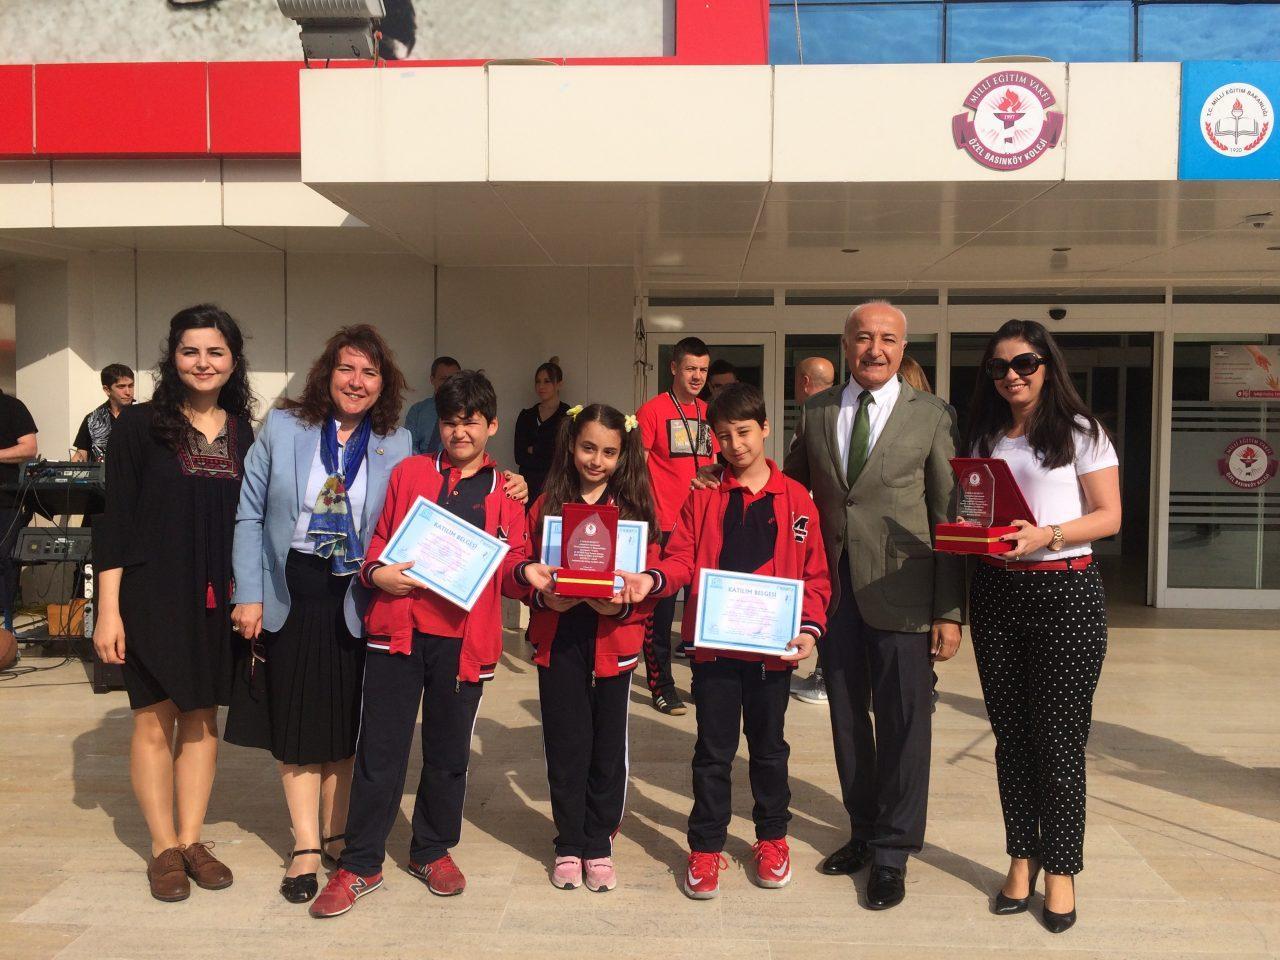 SEMEP Projesinde Okulumuzu Başarıyla Temsil Eden Öğrencilerimize Sertifikalarını Verdik